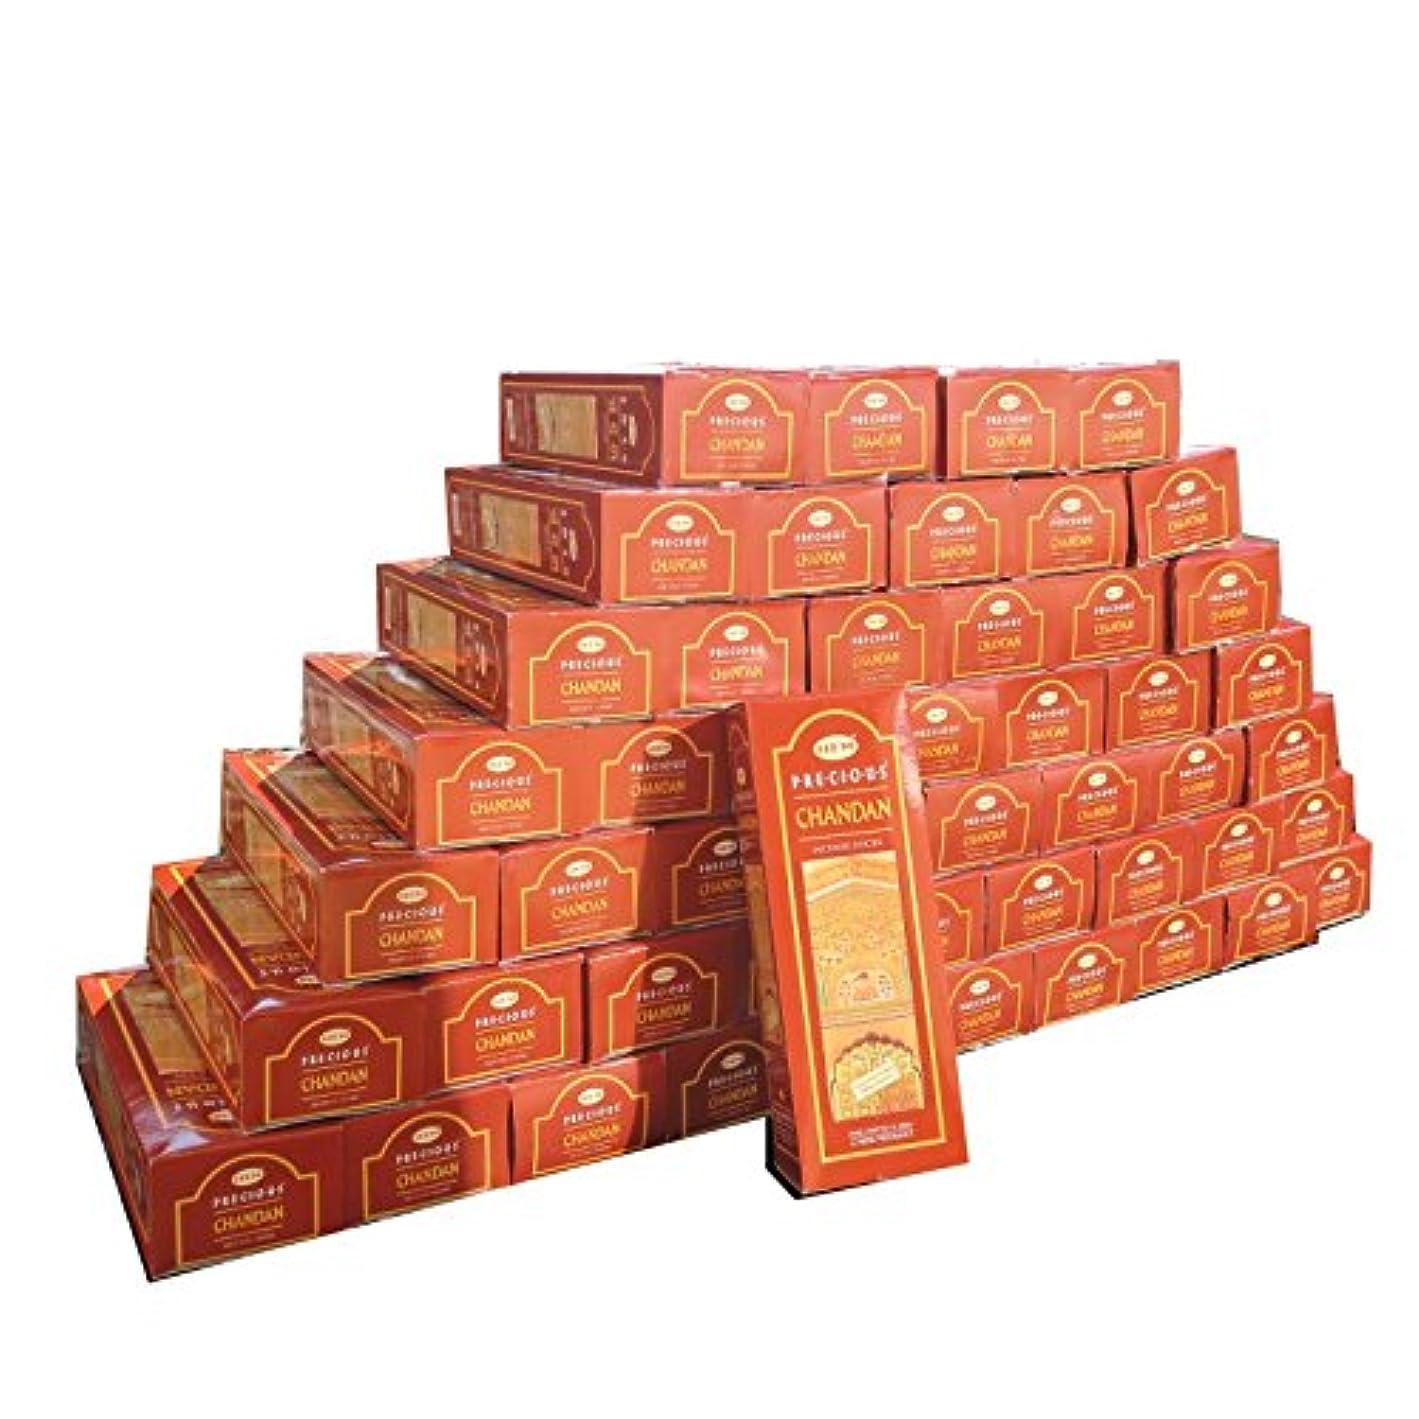 ポット感じる有益な業務用 インドスティック形お香 プレシャスチャンダン 300箱入り